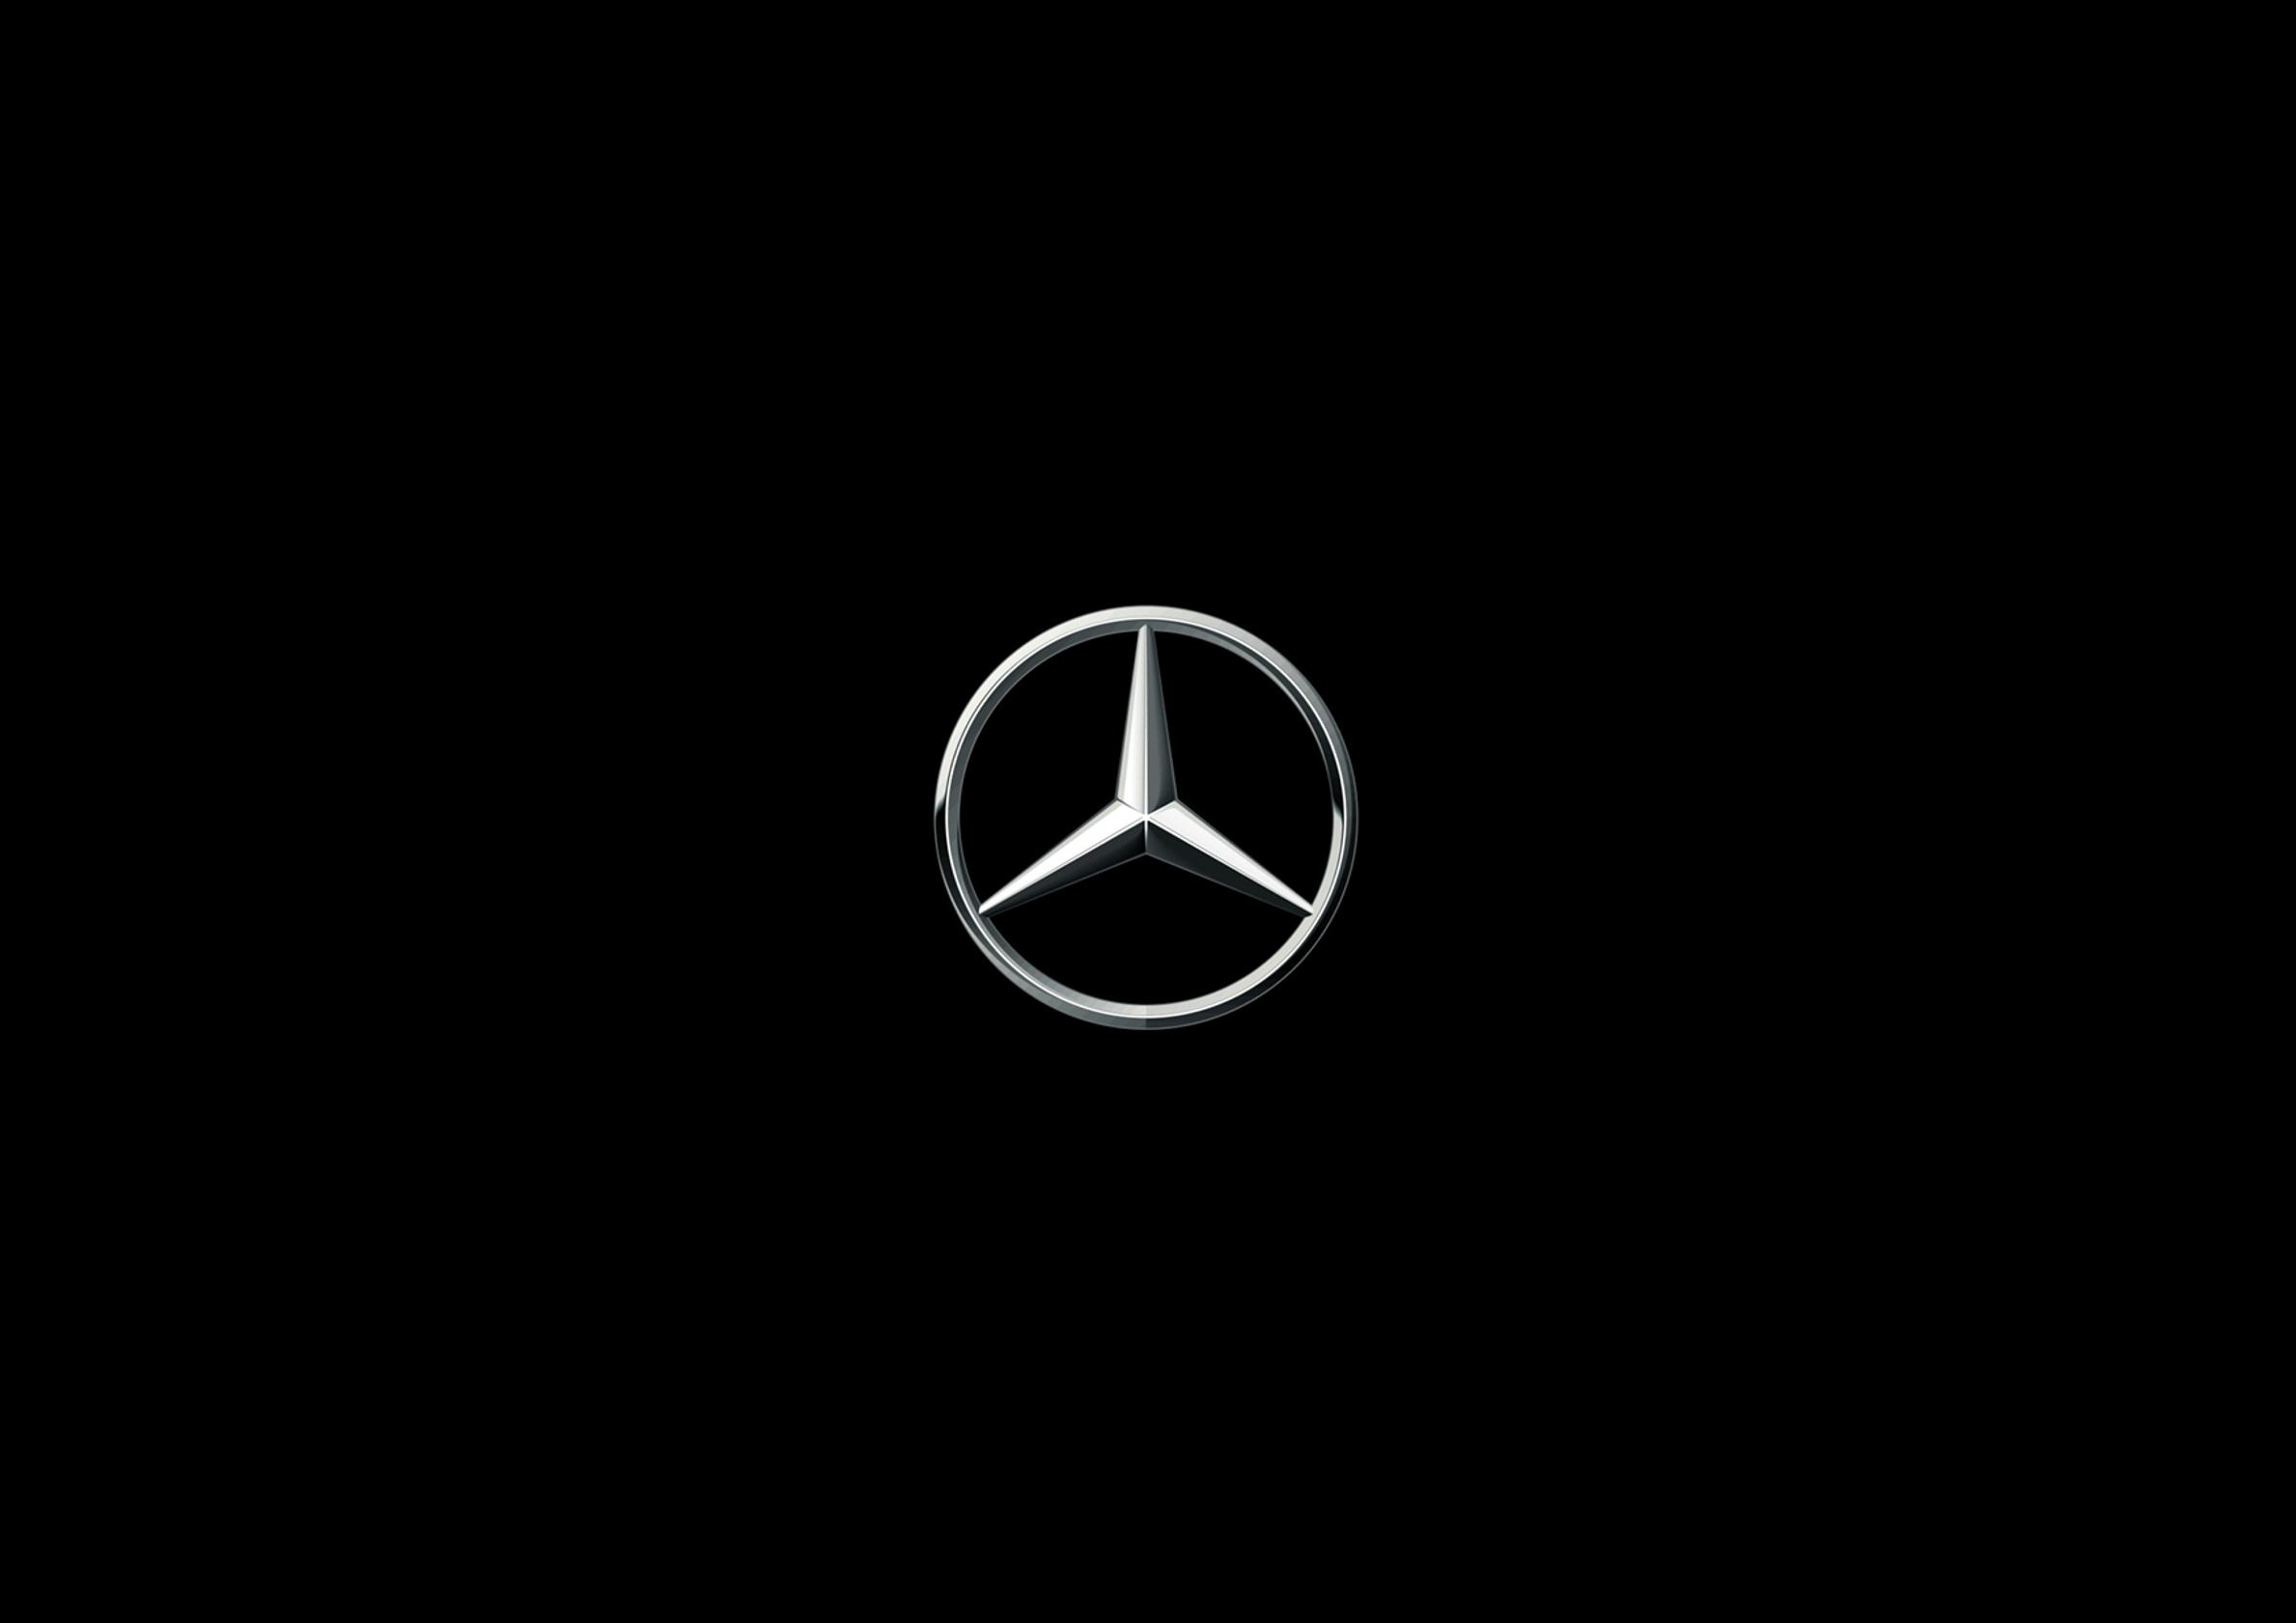 Mercedes-Benz CLS 53 AMG, #mbvideocar, Patrick Walter + Berger Studios, Max Berger, Maximilian Berger, Werbeagentur, Design, Cinema, Web, Kunst, Grafikdesign, Videoproduktion, Webdesign, Kunstverkauf, Digitale & Analoge Werbung aus einer Hand